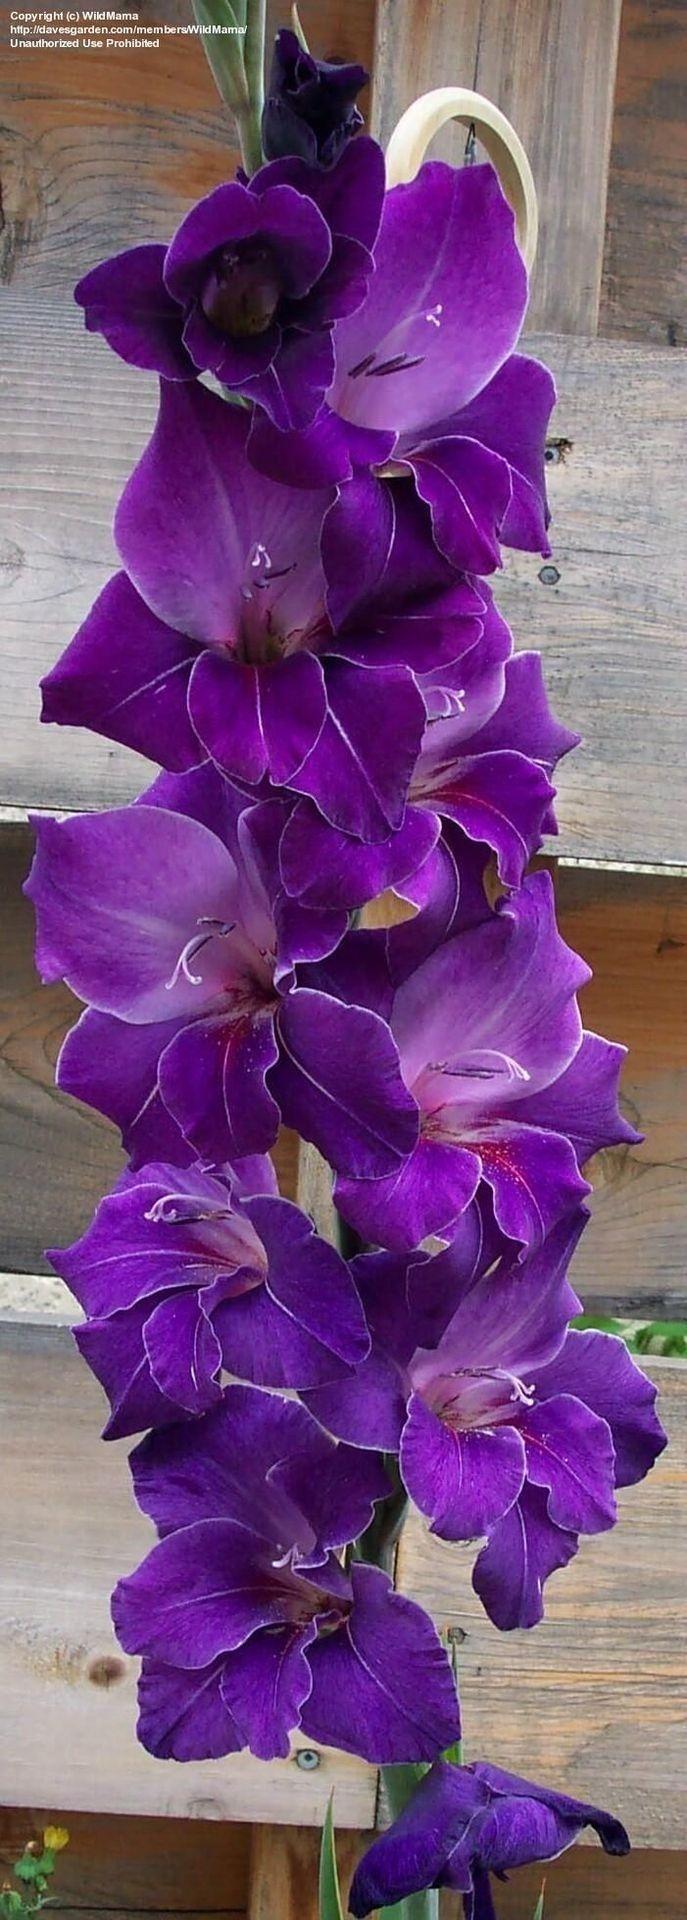 El gladiolo es originario de la cuenca mediterránea y de África austral.Comprende 180 especies nativas de África, Madagascar, Europa, Arabia y oeste de Asia, donde el gladiolo crece espontáneamente; aunque la mayor parte son de origen Africano. SB